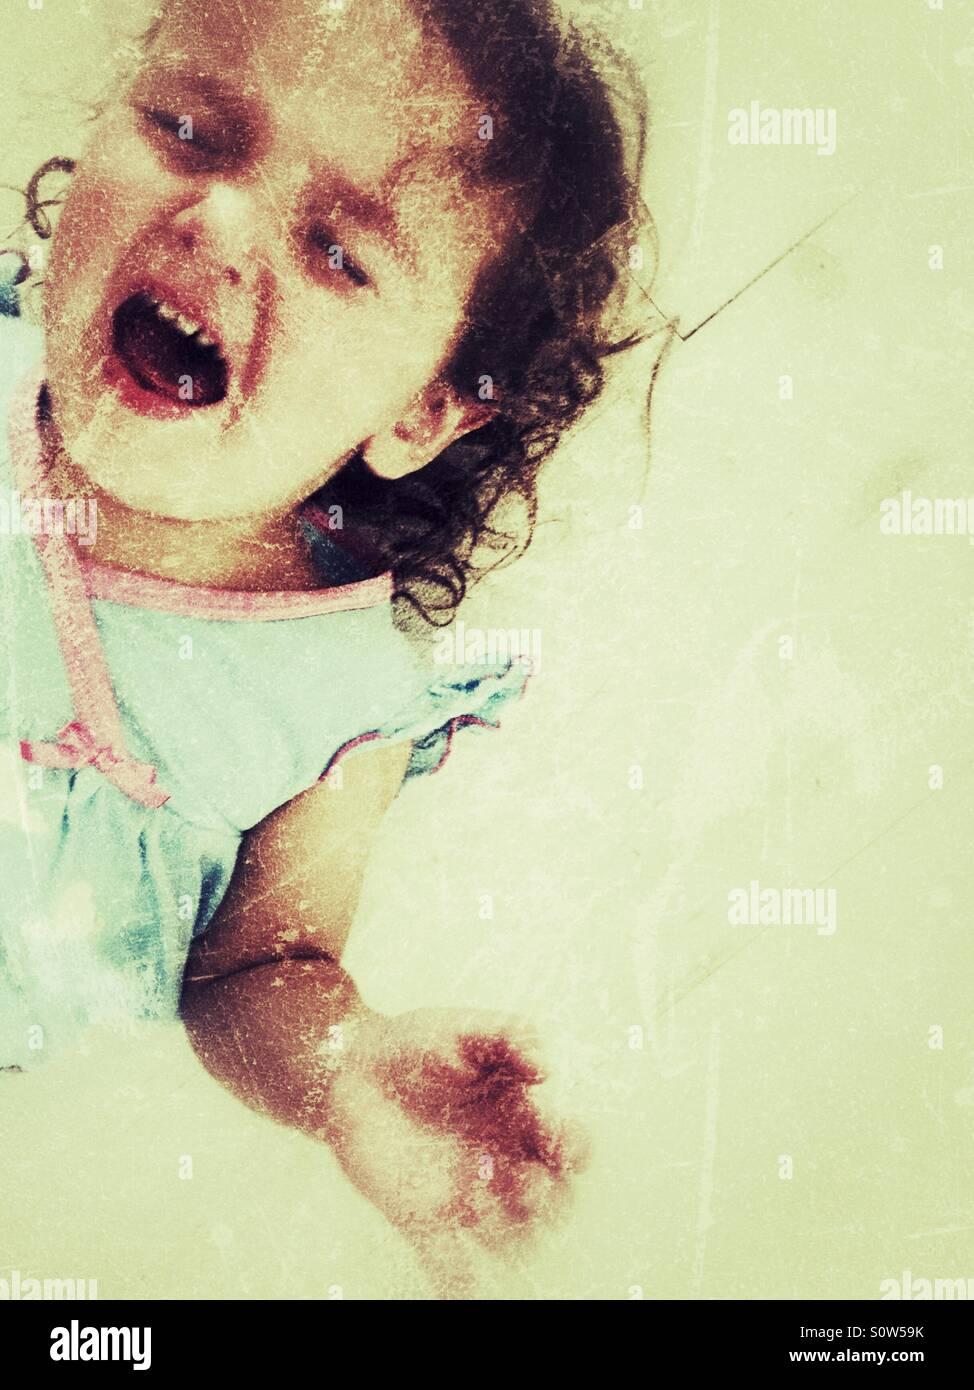 Toddler tantrum - Stock Image